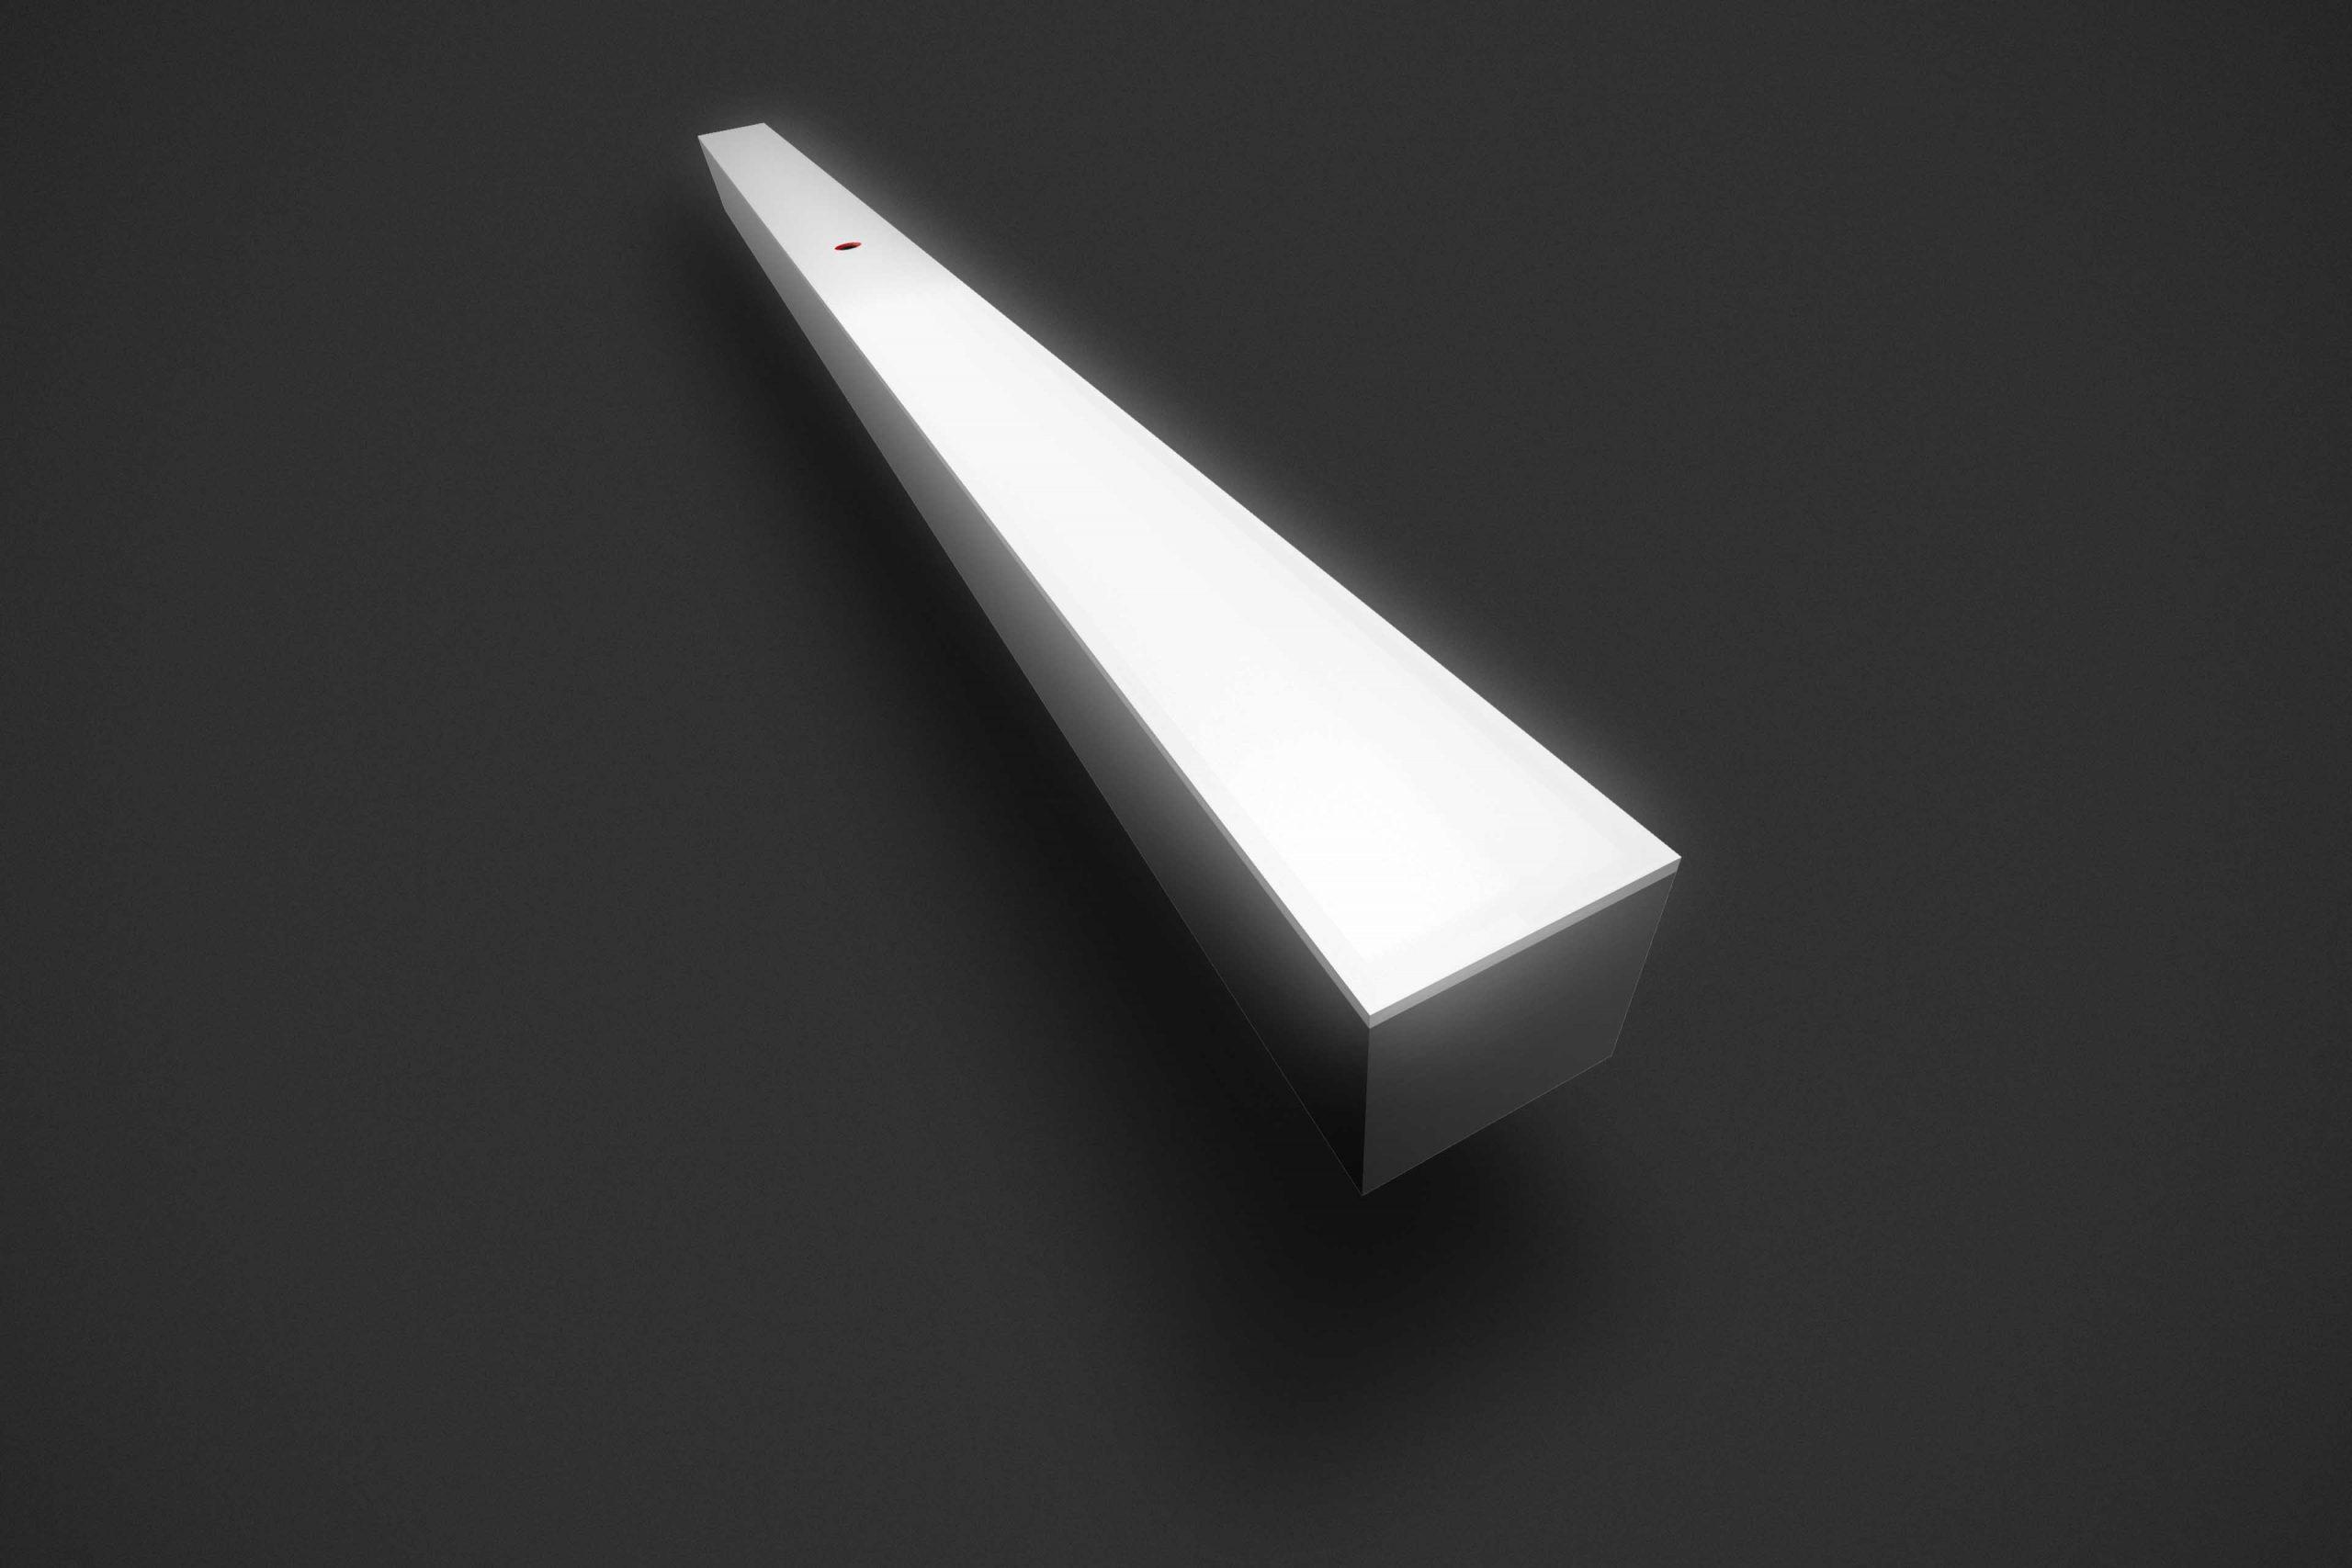 designer-agency-light-design